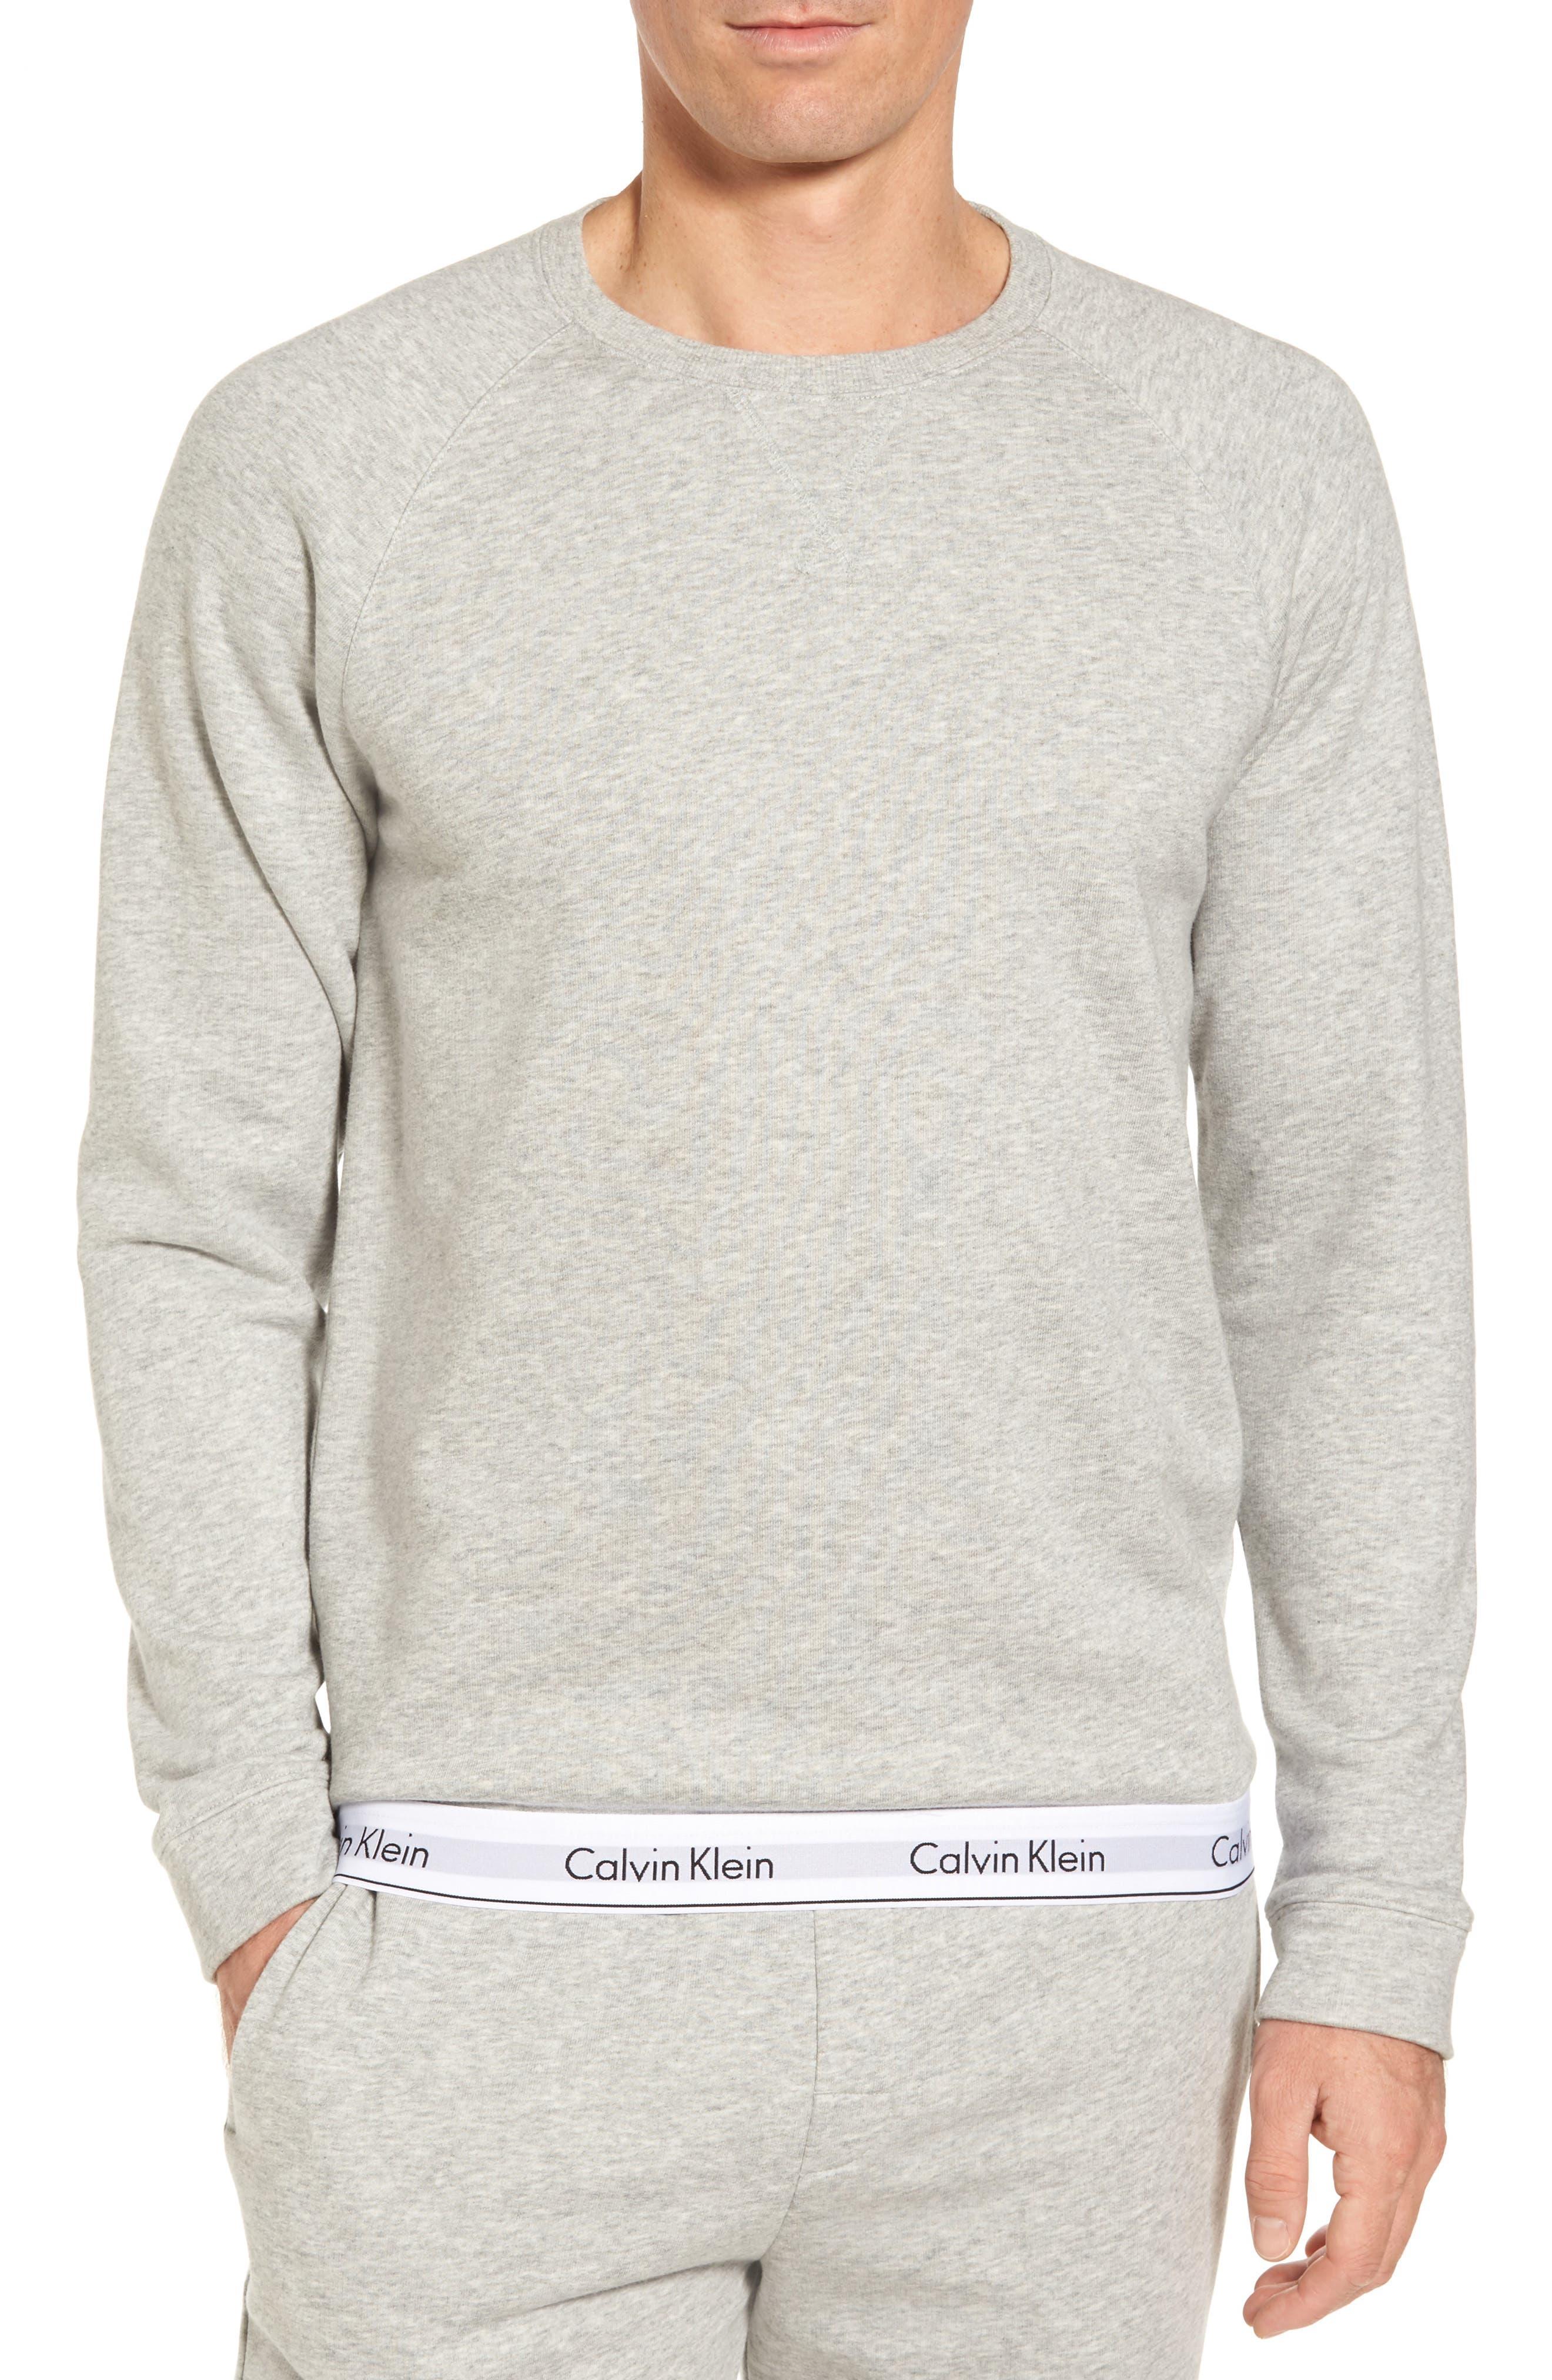 Main Image - Calvin Klein Lounge Crewneck Sweatshirt